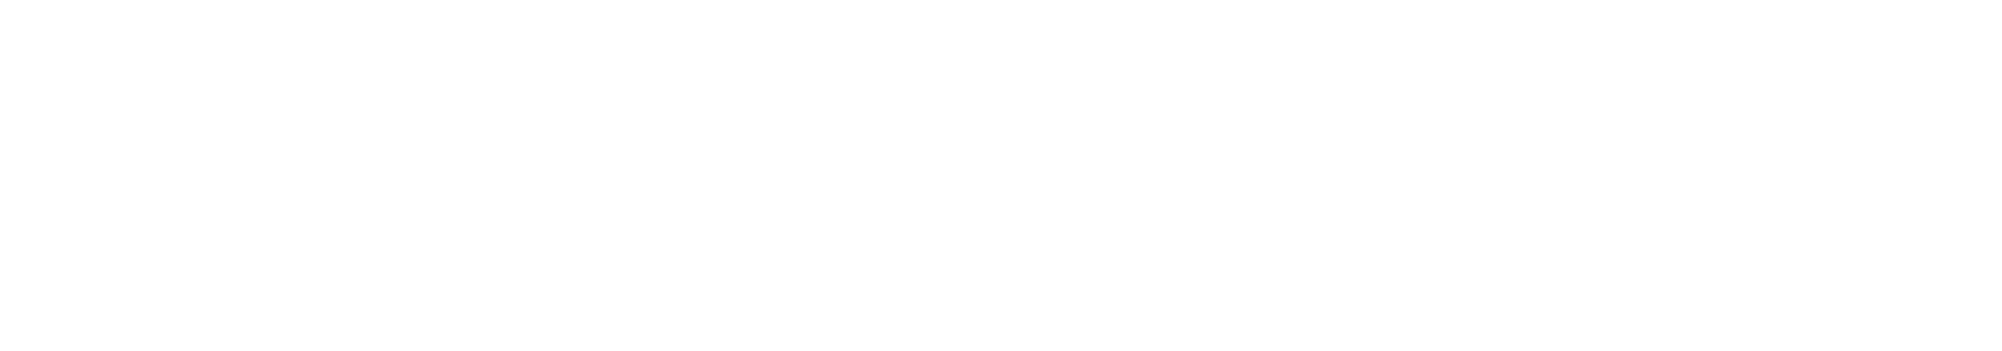 Sony bravia - Sony bravia logo hd ...